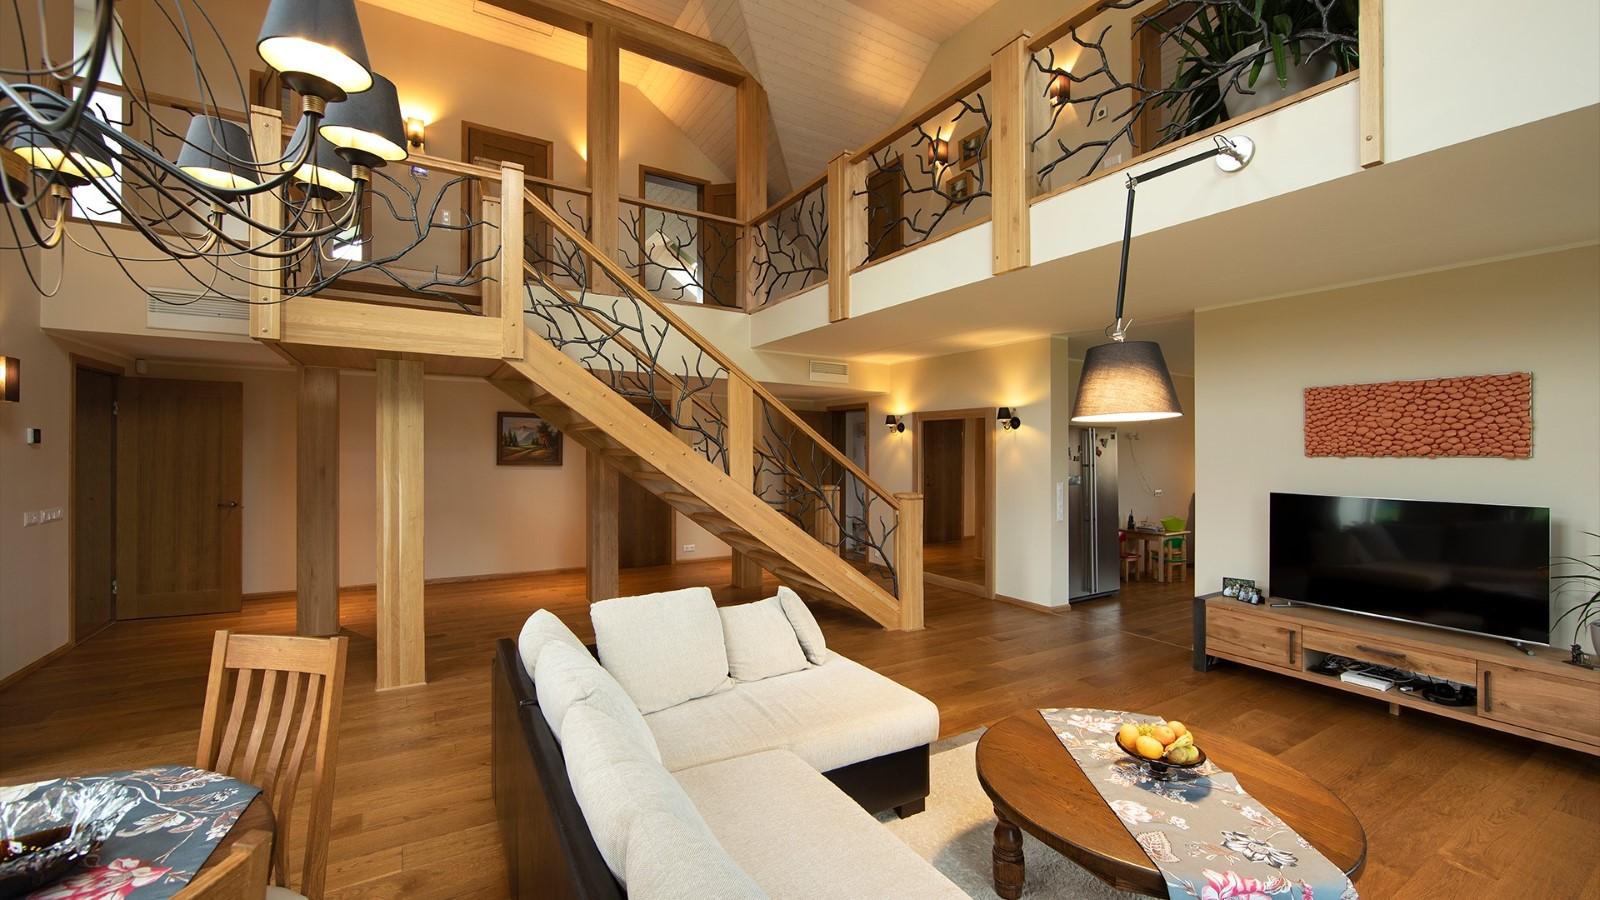 Sepistatud käsipuudega tammepuidust trepp on maja ehe. Foto: Oleg Hartšenko XOfoto OÜ